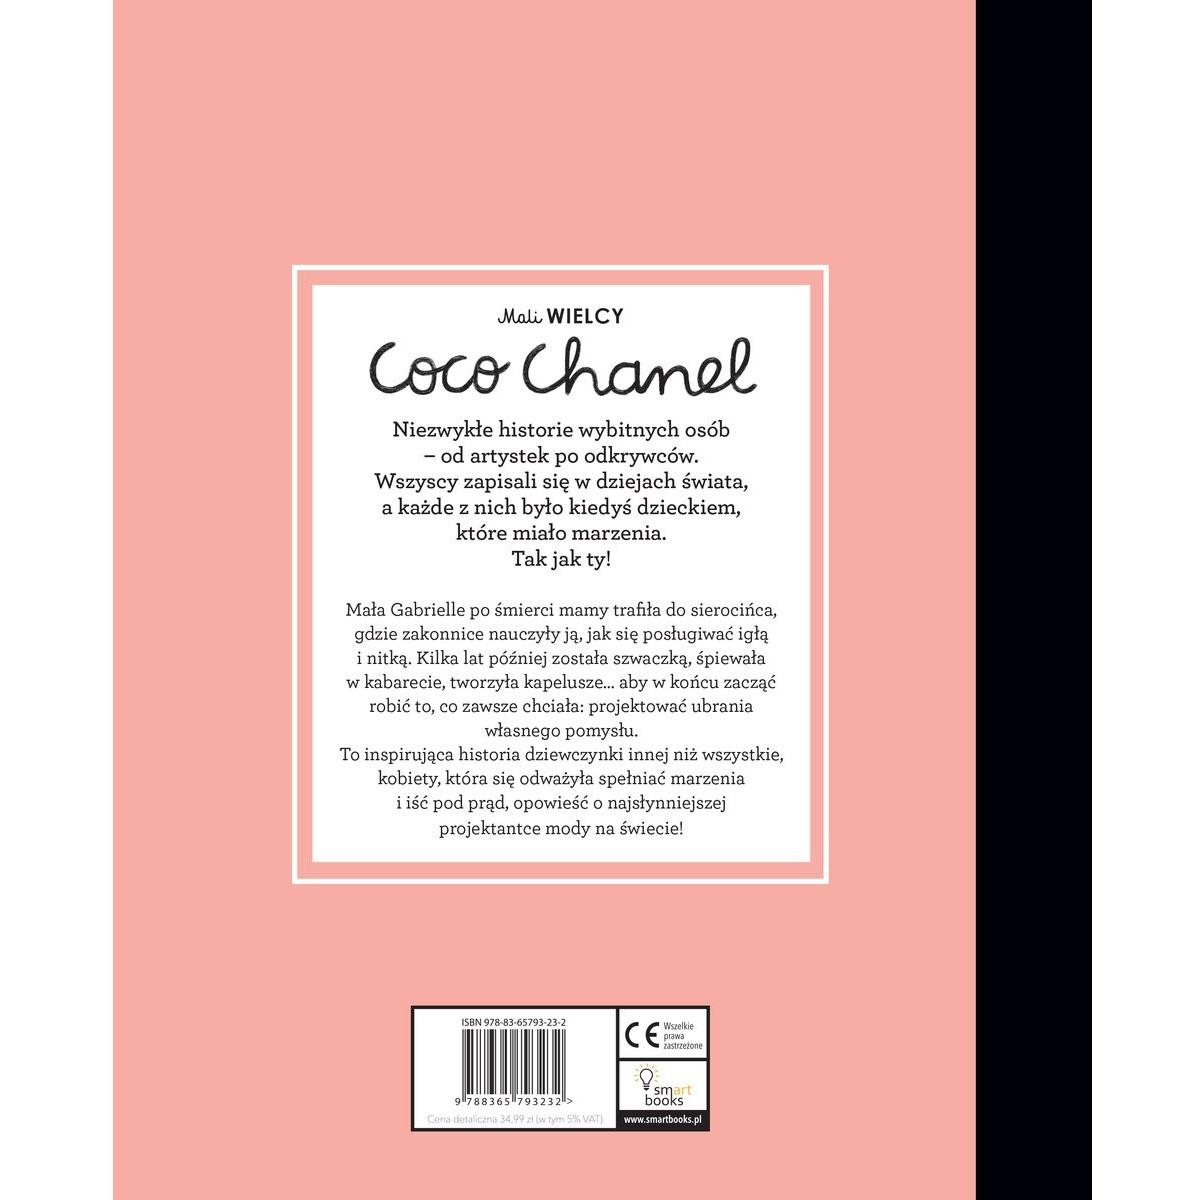 Książka Mali WIELCY. Coco Chanel chwalipietka